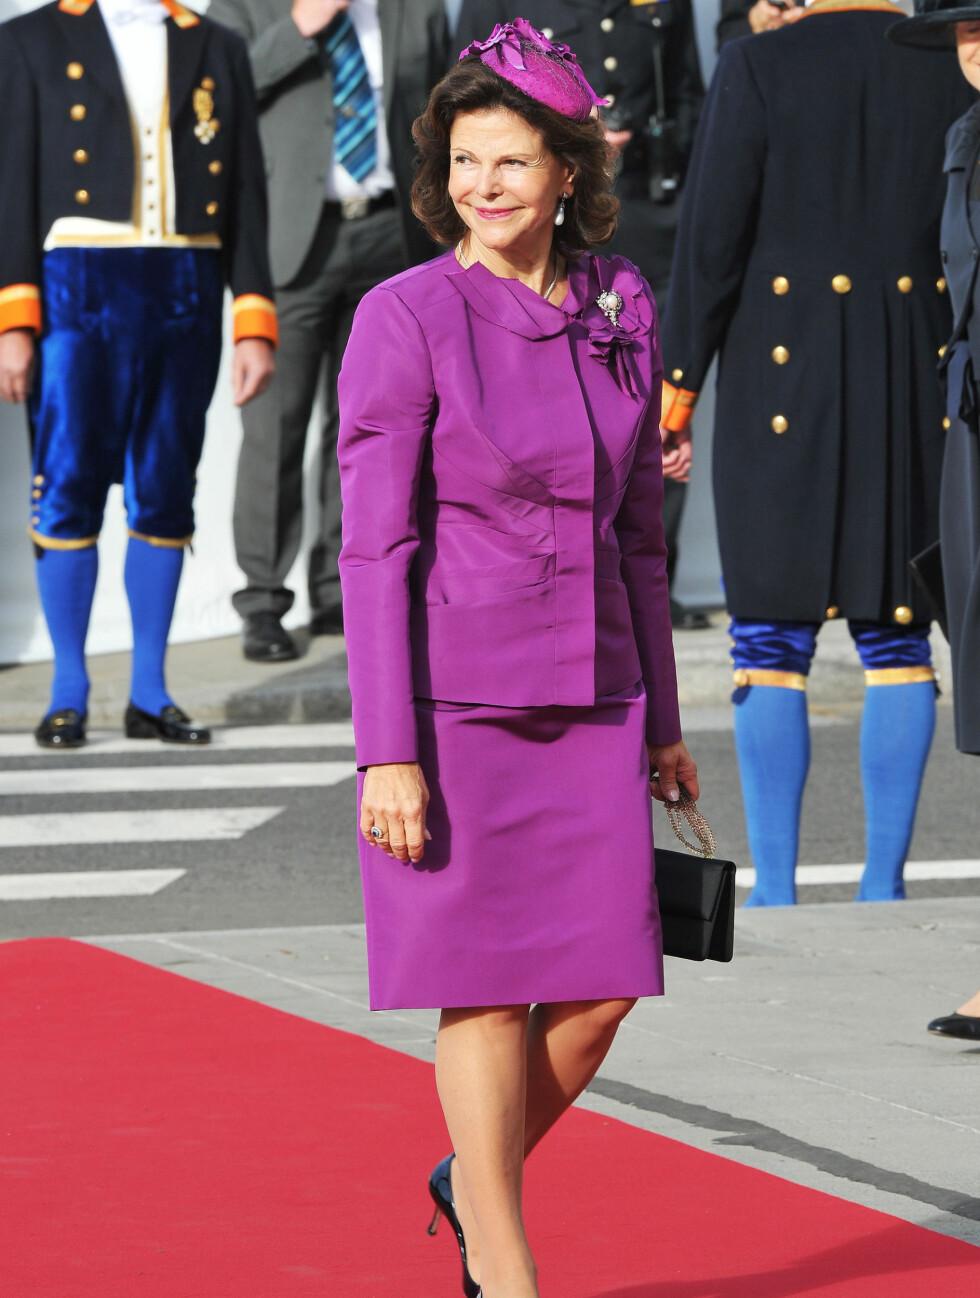 KOM ALENE: Sveriges dronning Silvia gikk alene ned den røde løperen utenfor Notre Dame. Foto: All Over Press